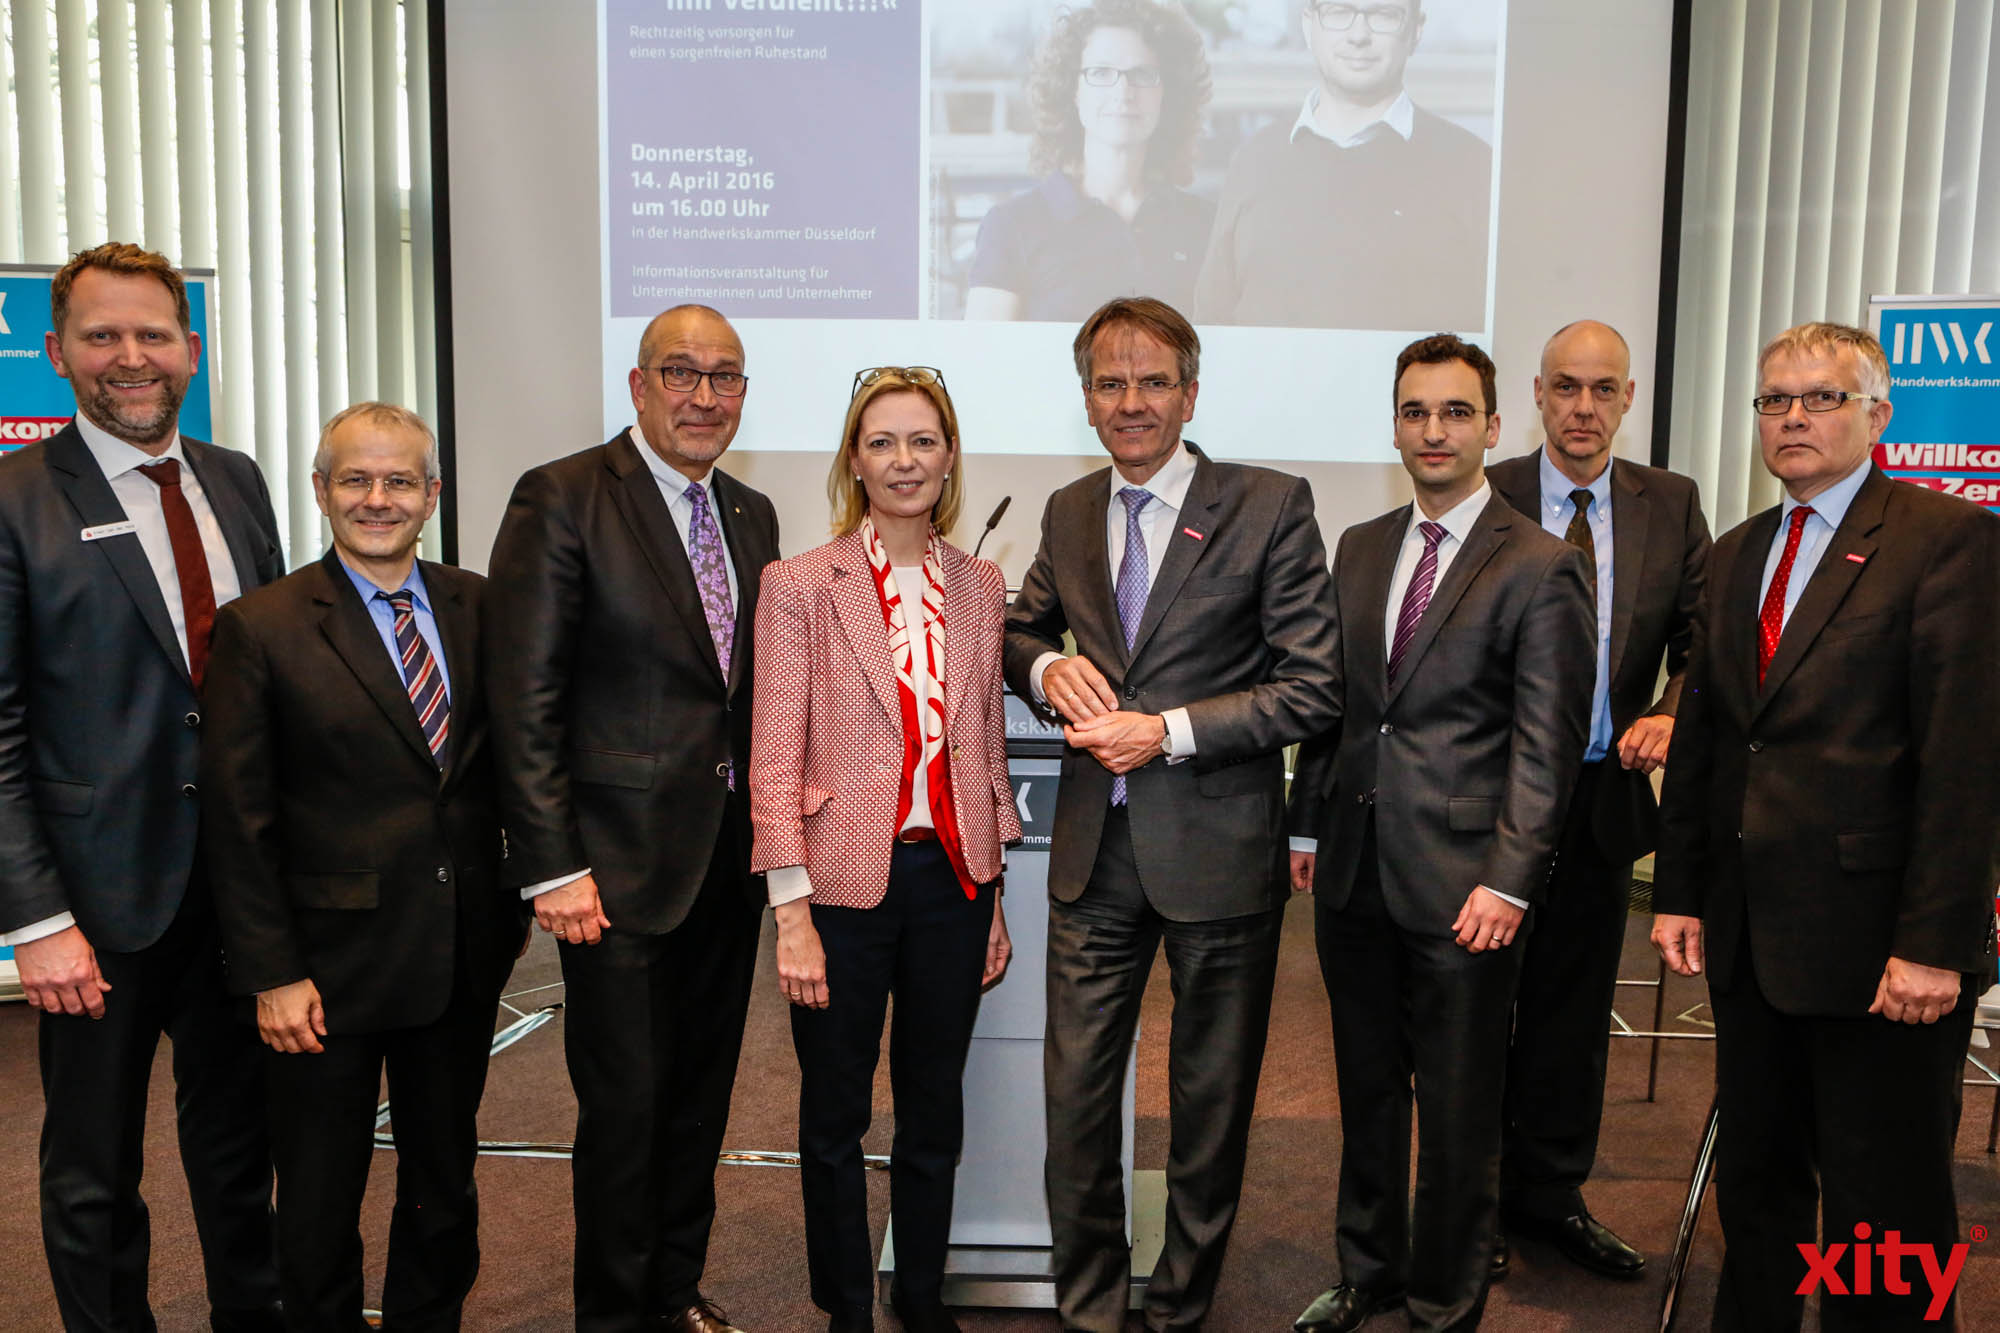 (v.l.) Erwin van der Hout, Jörg Hagedorn, Ulrich Scheele, Rita Lansch, Andreas Ehlert, Agran Bicaj, Dr. Rüdiger Gottschalk und Hubert Kersting (Foto: xity)